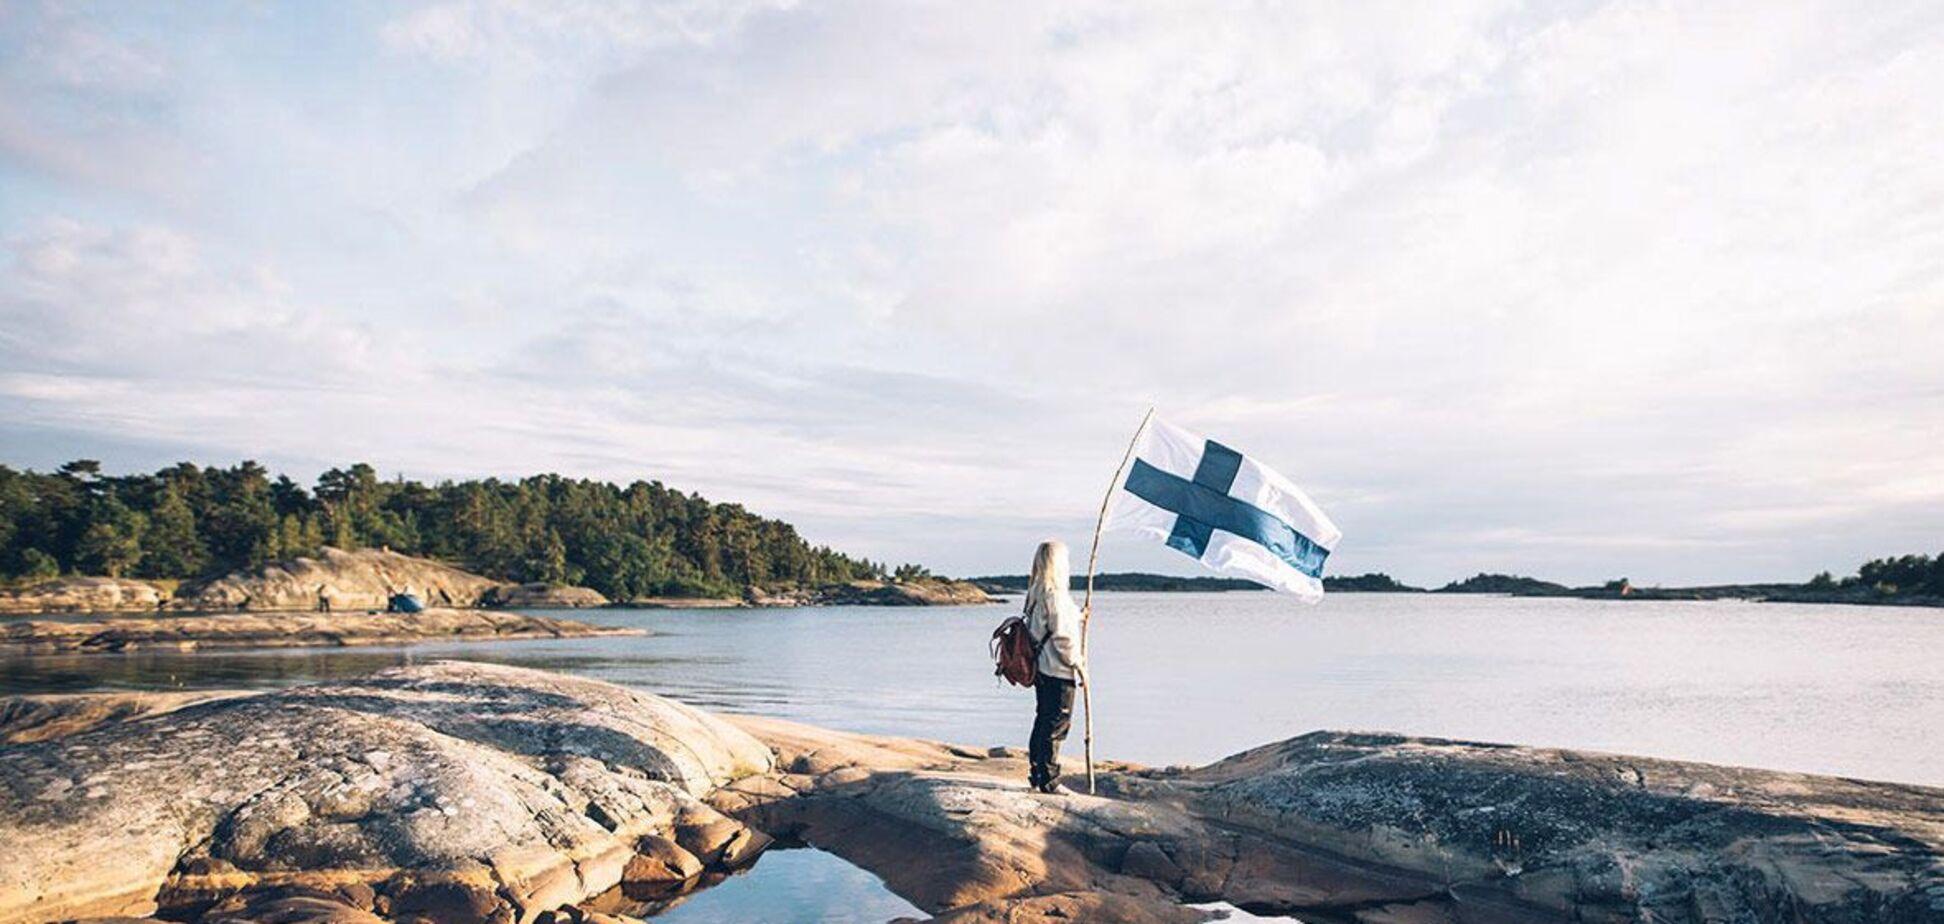 Фінляндія стала найщасливішою країною світу за версією ООН